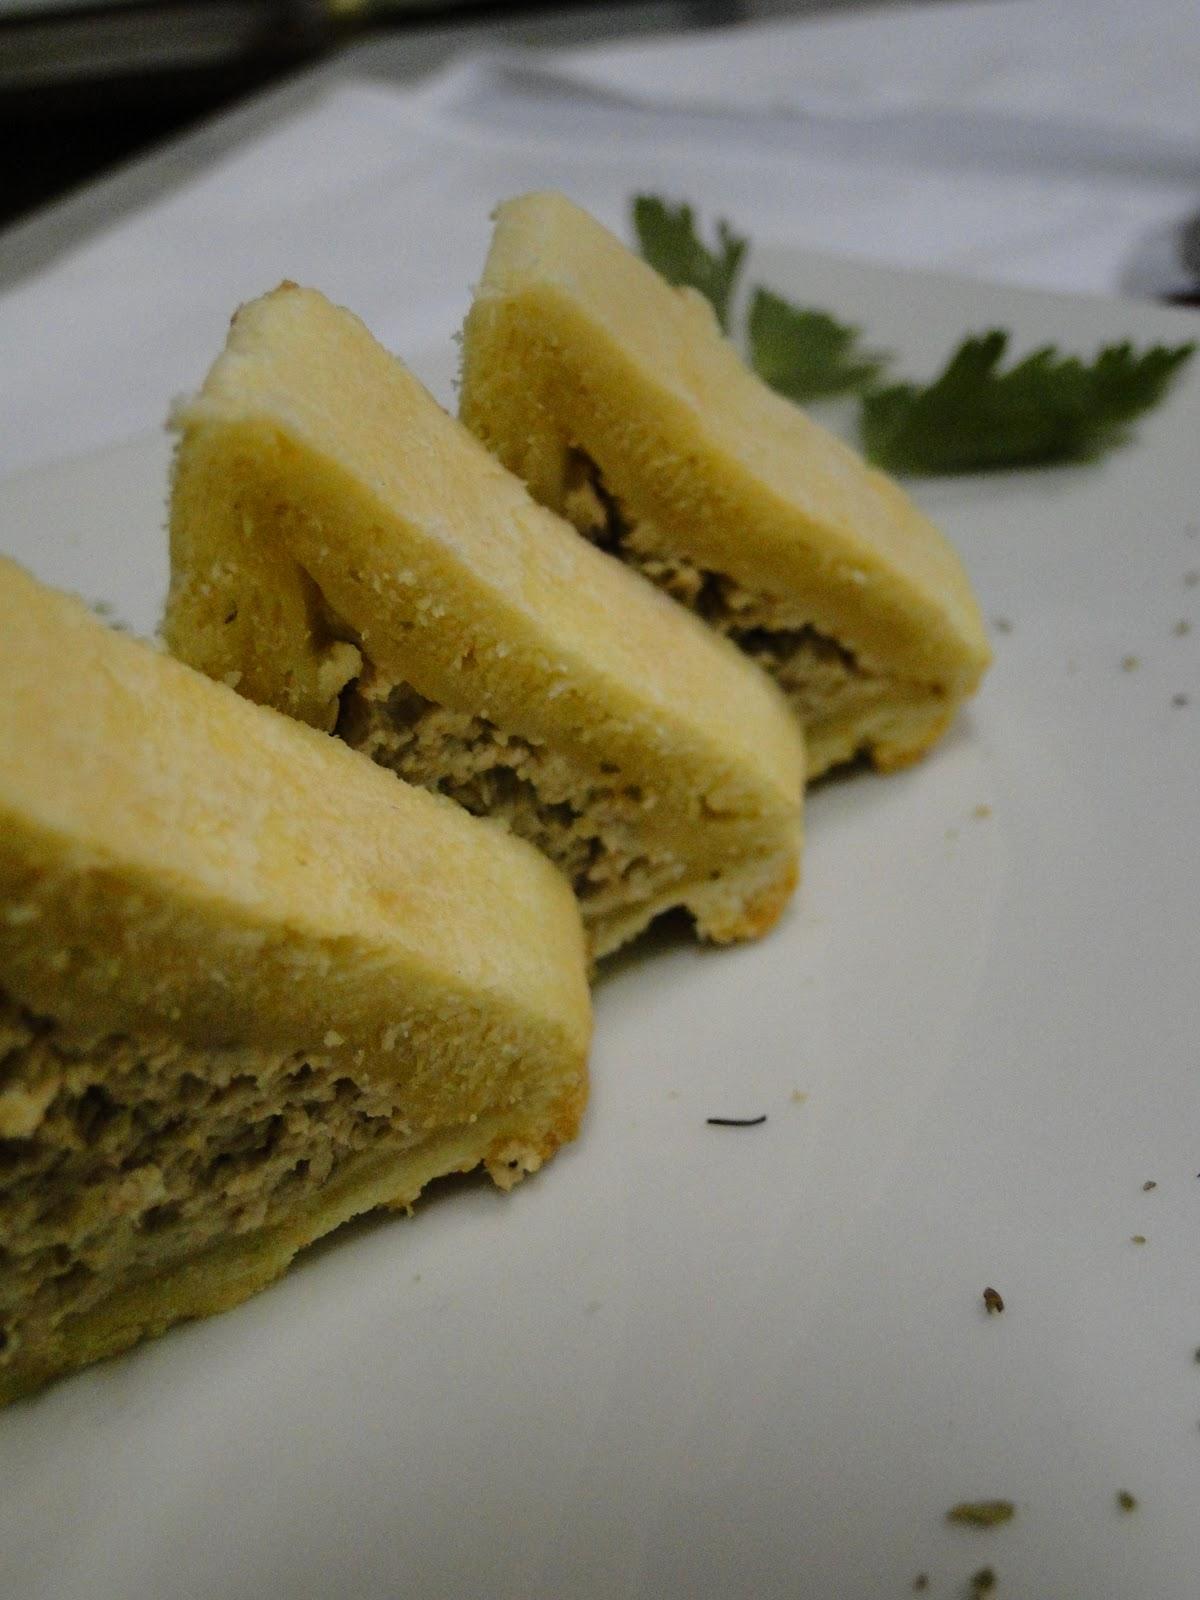 Garde manger pat s for Deconstruccion gastronomica